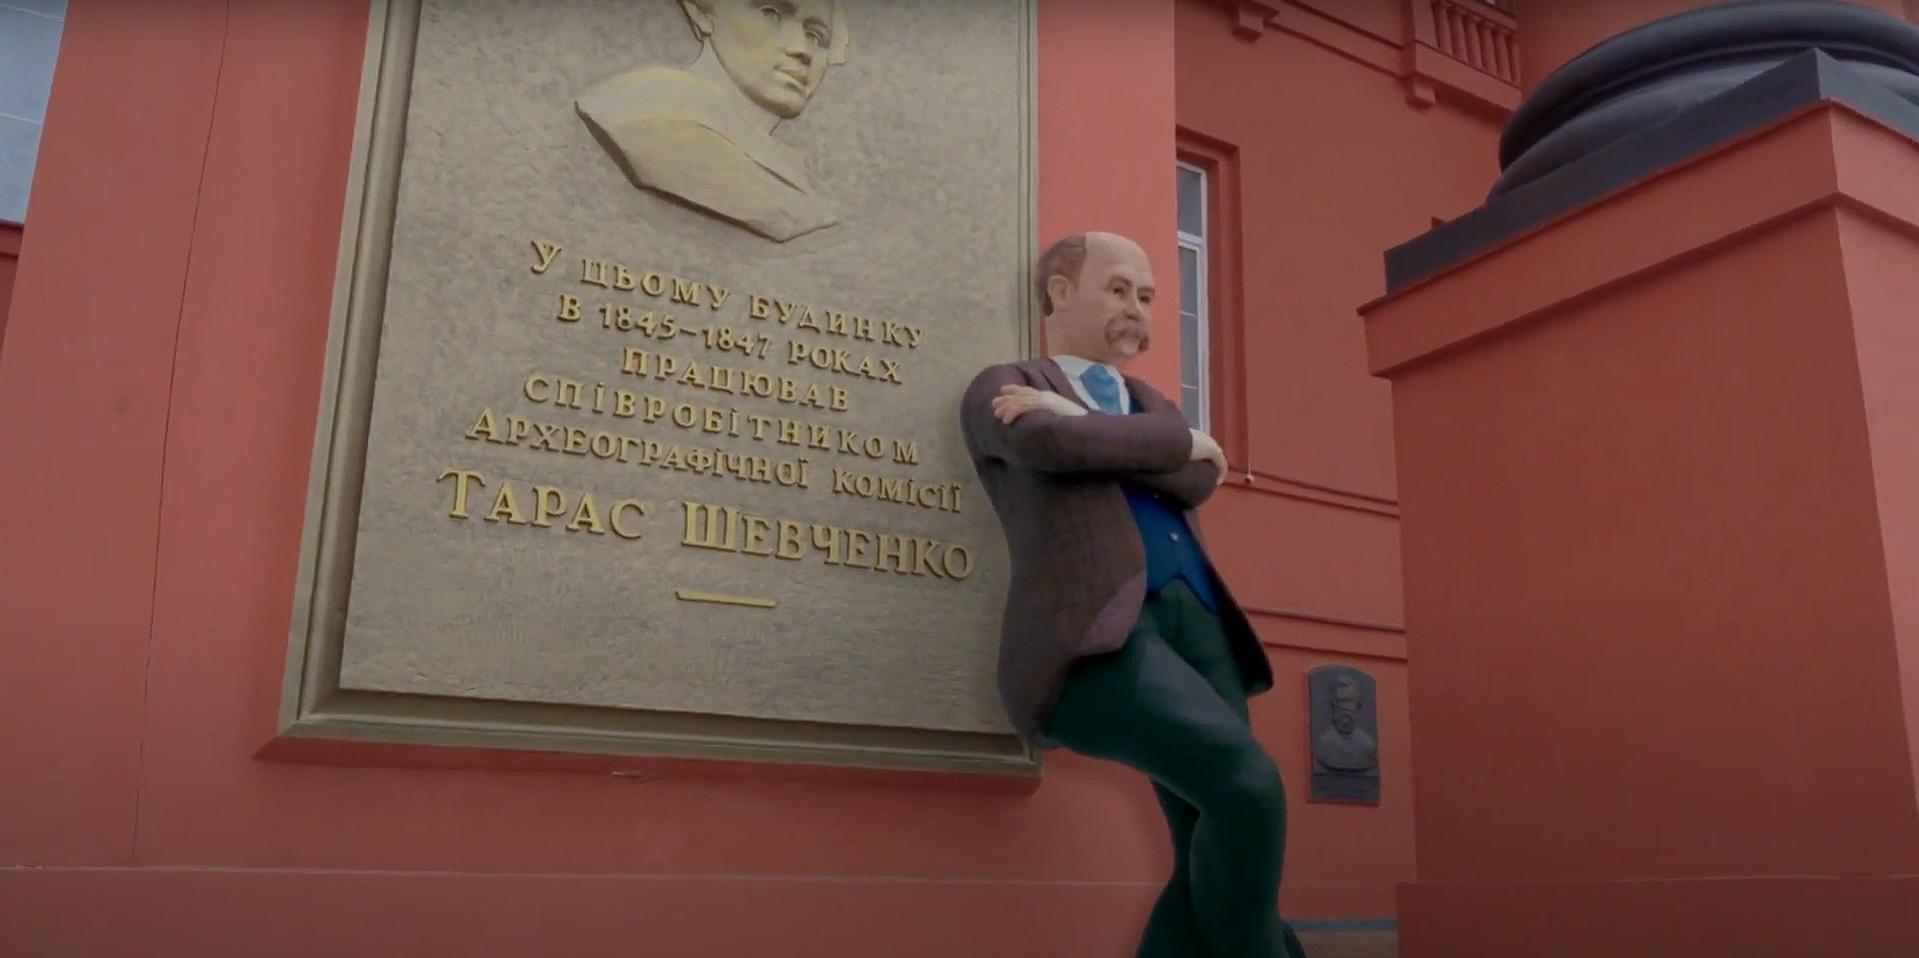 Тараса Шевченка перенесли у віртуальну реальність